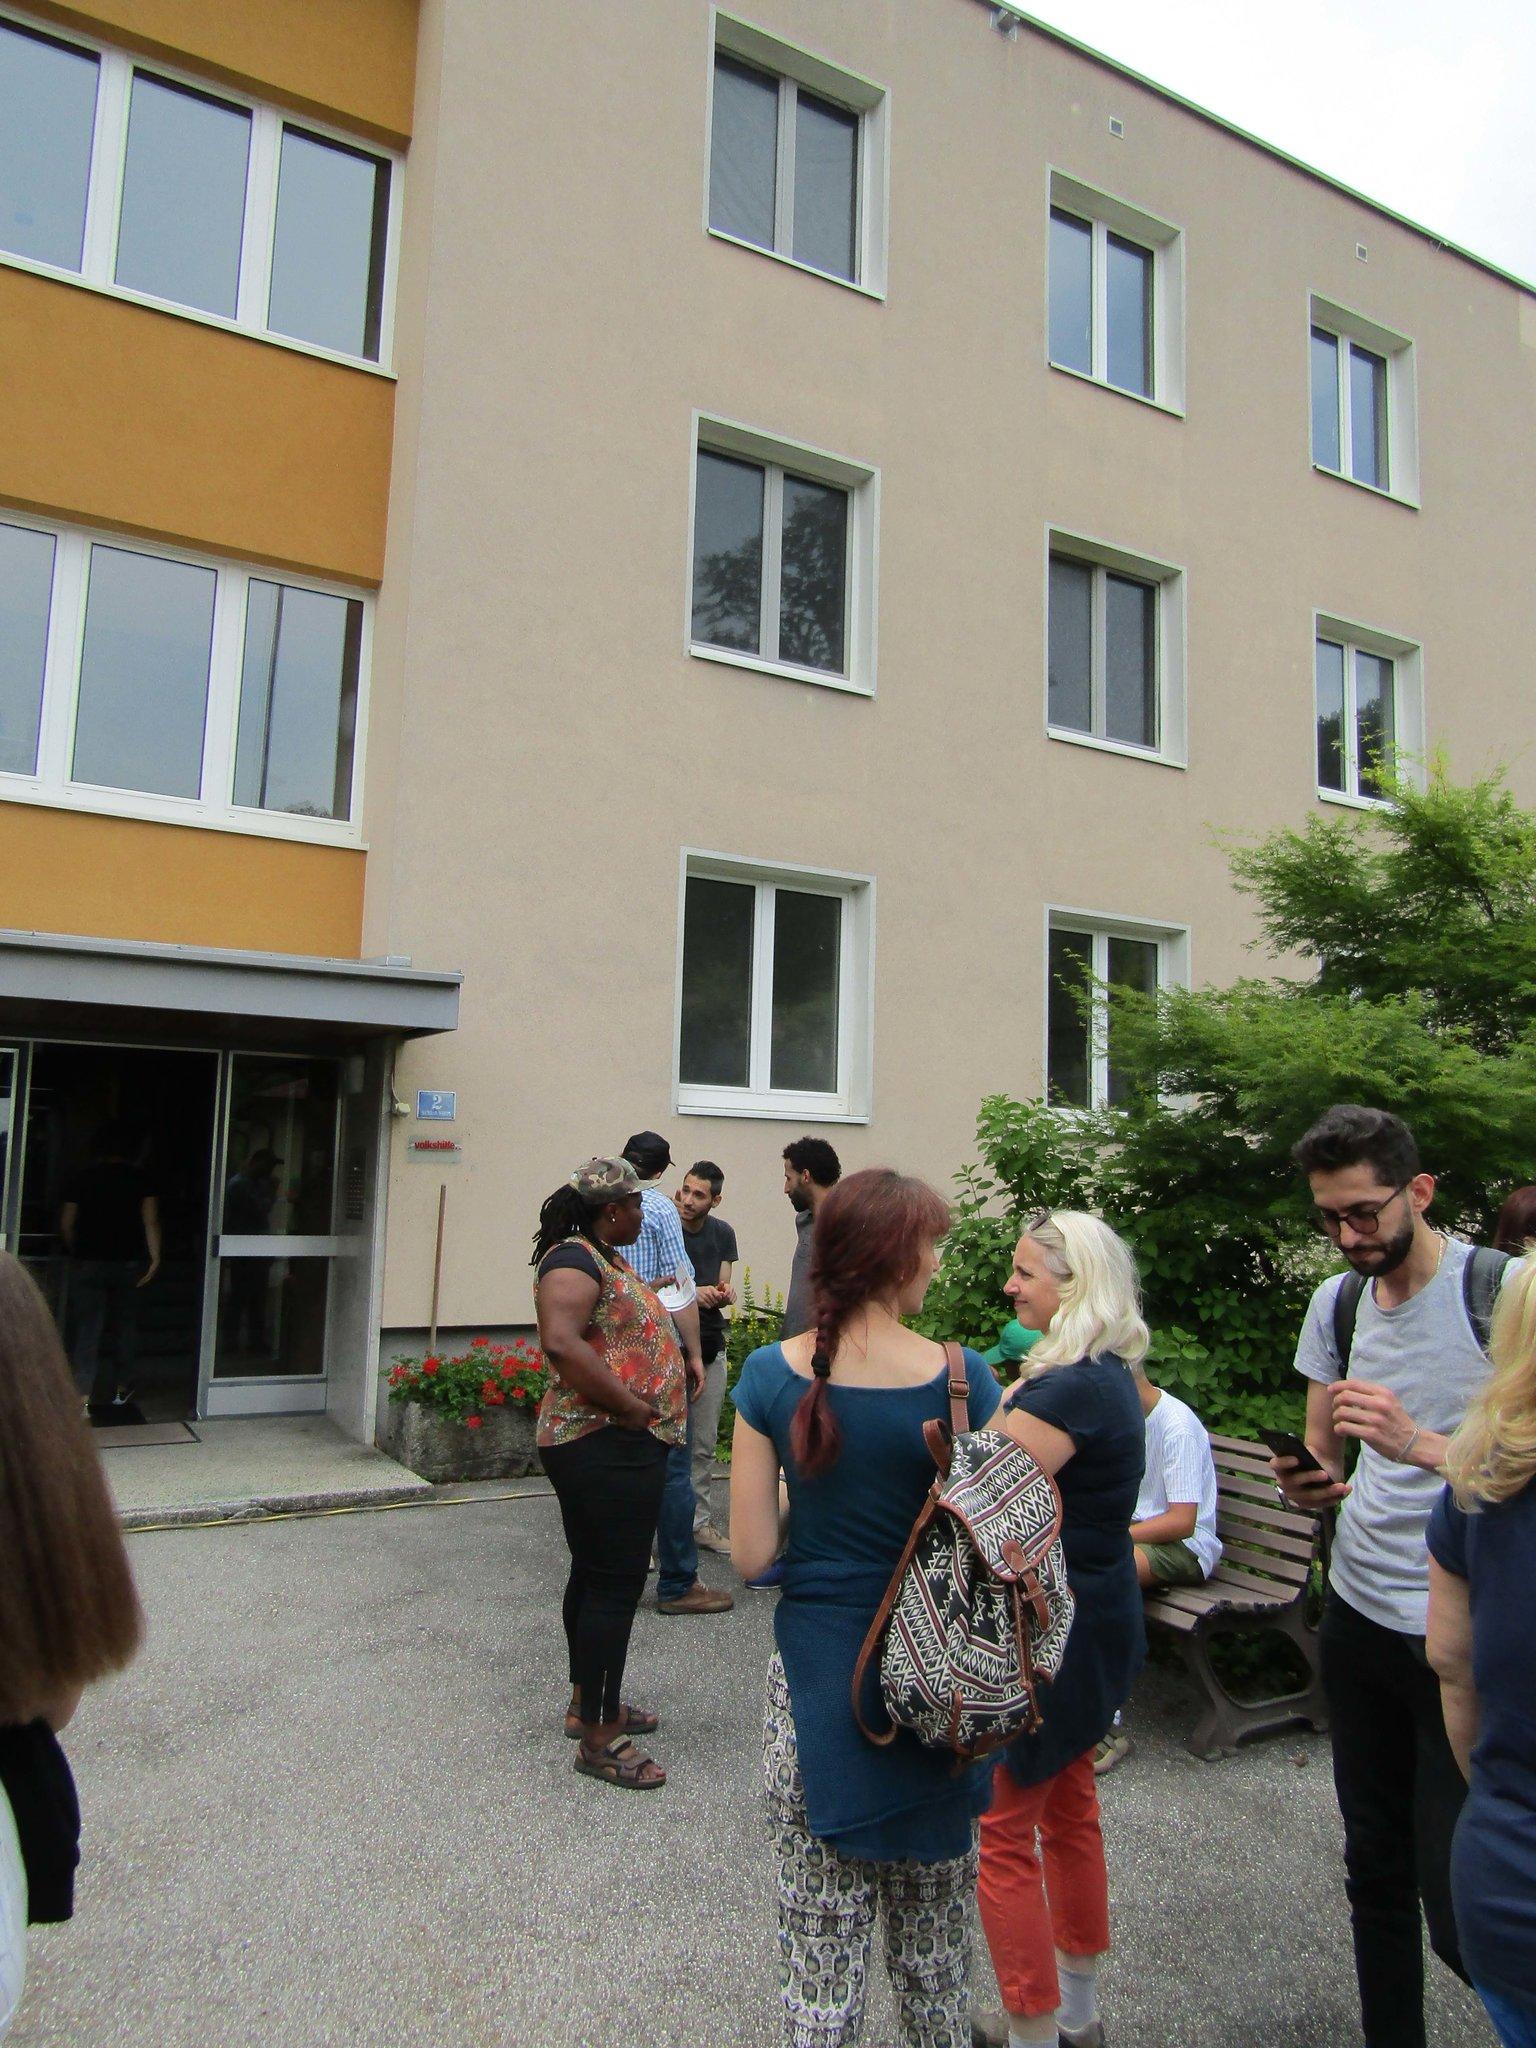 Bekanntschaften in Drnau - Partnersuche & Kontakte